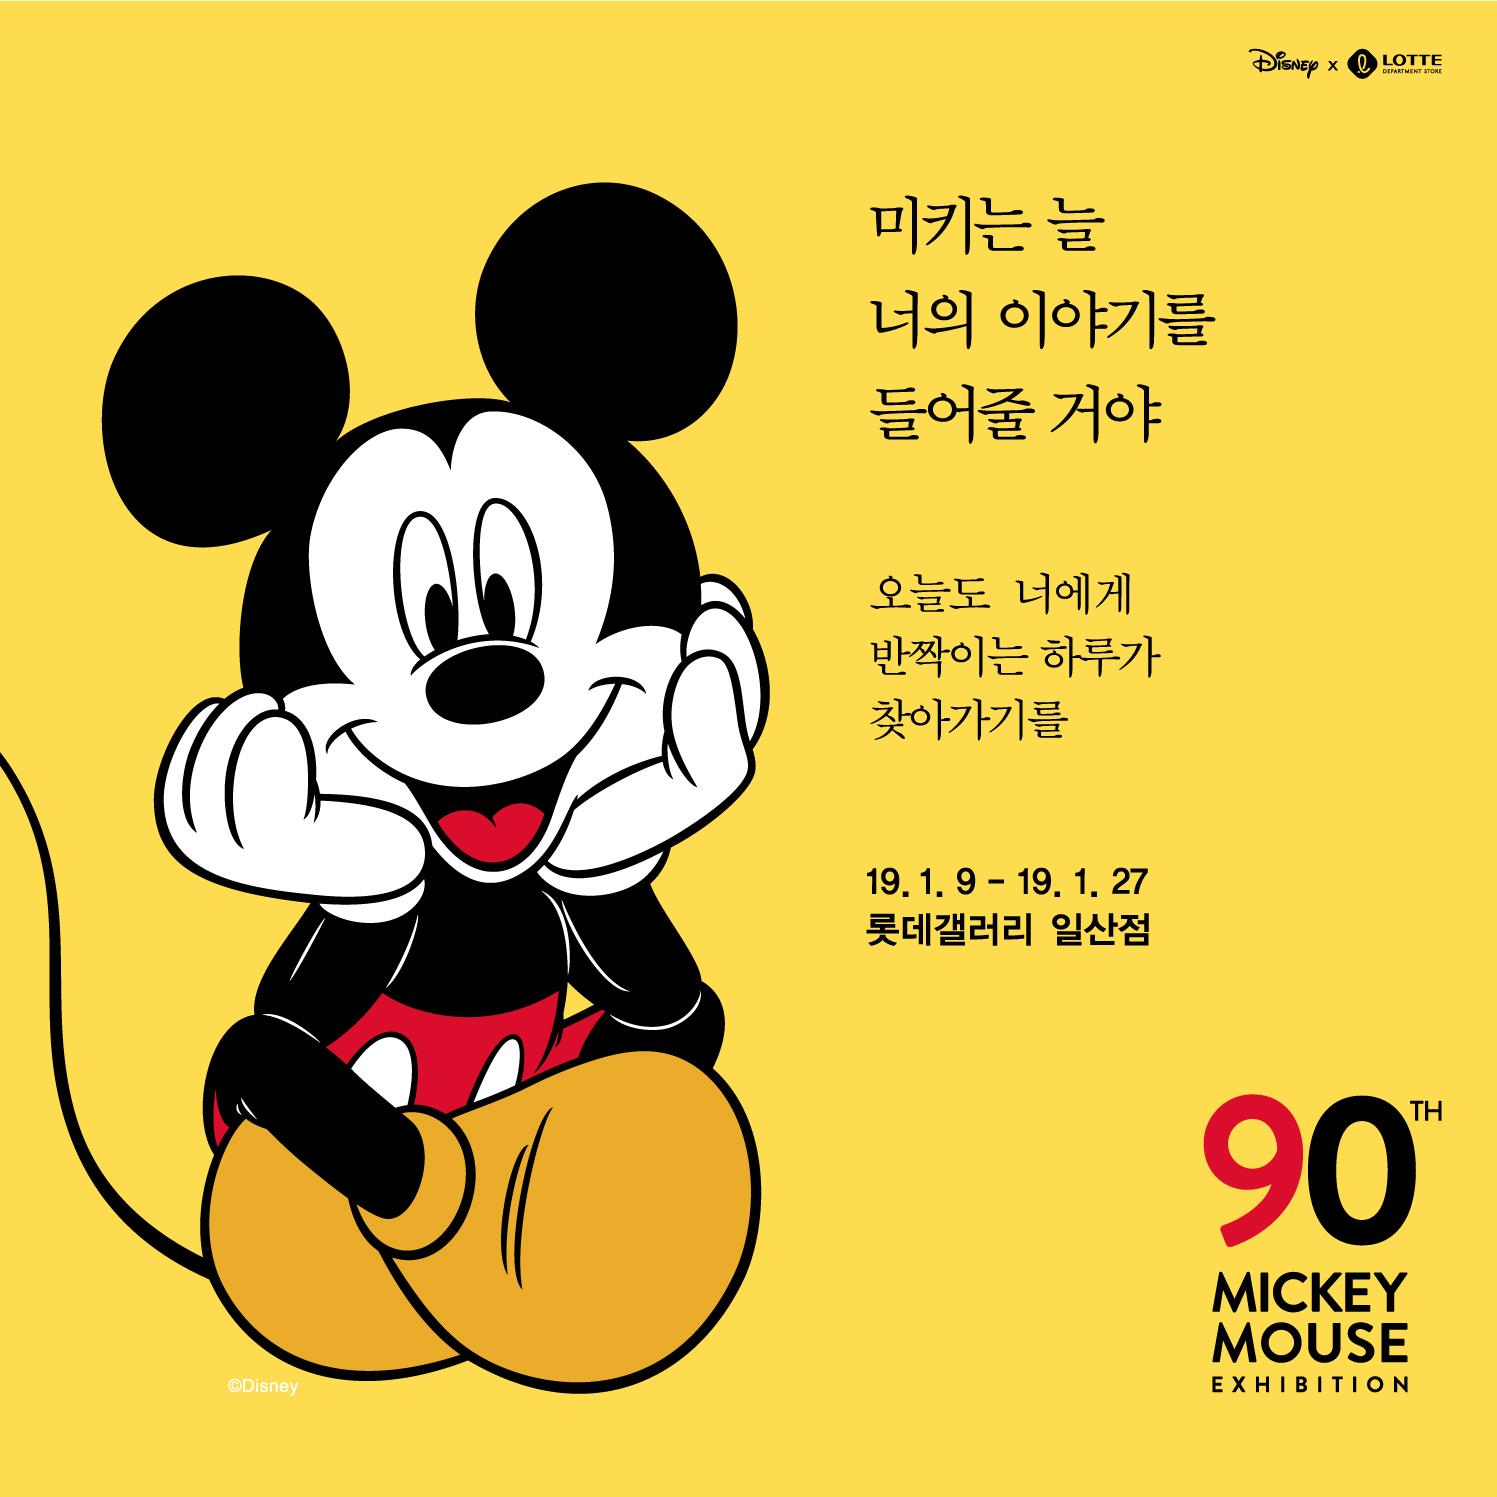 미키 마우스 90주년 기념 특별전